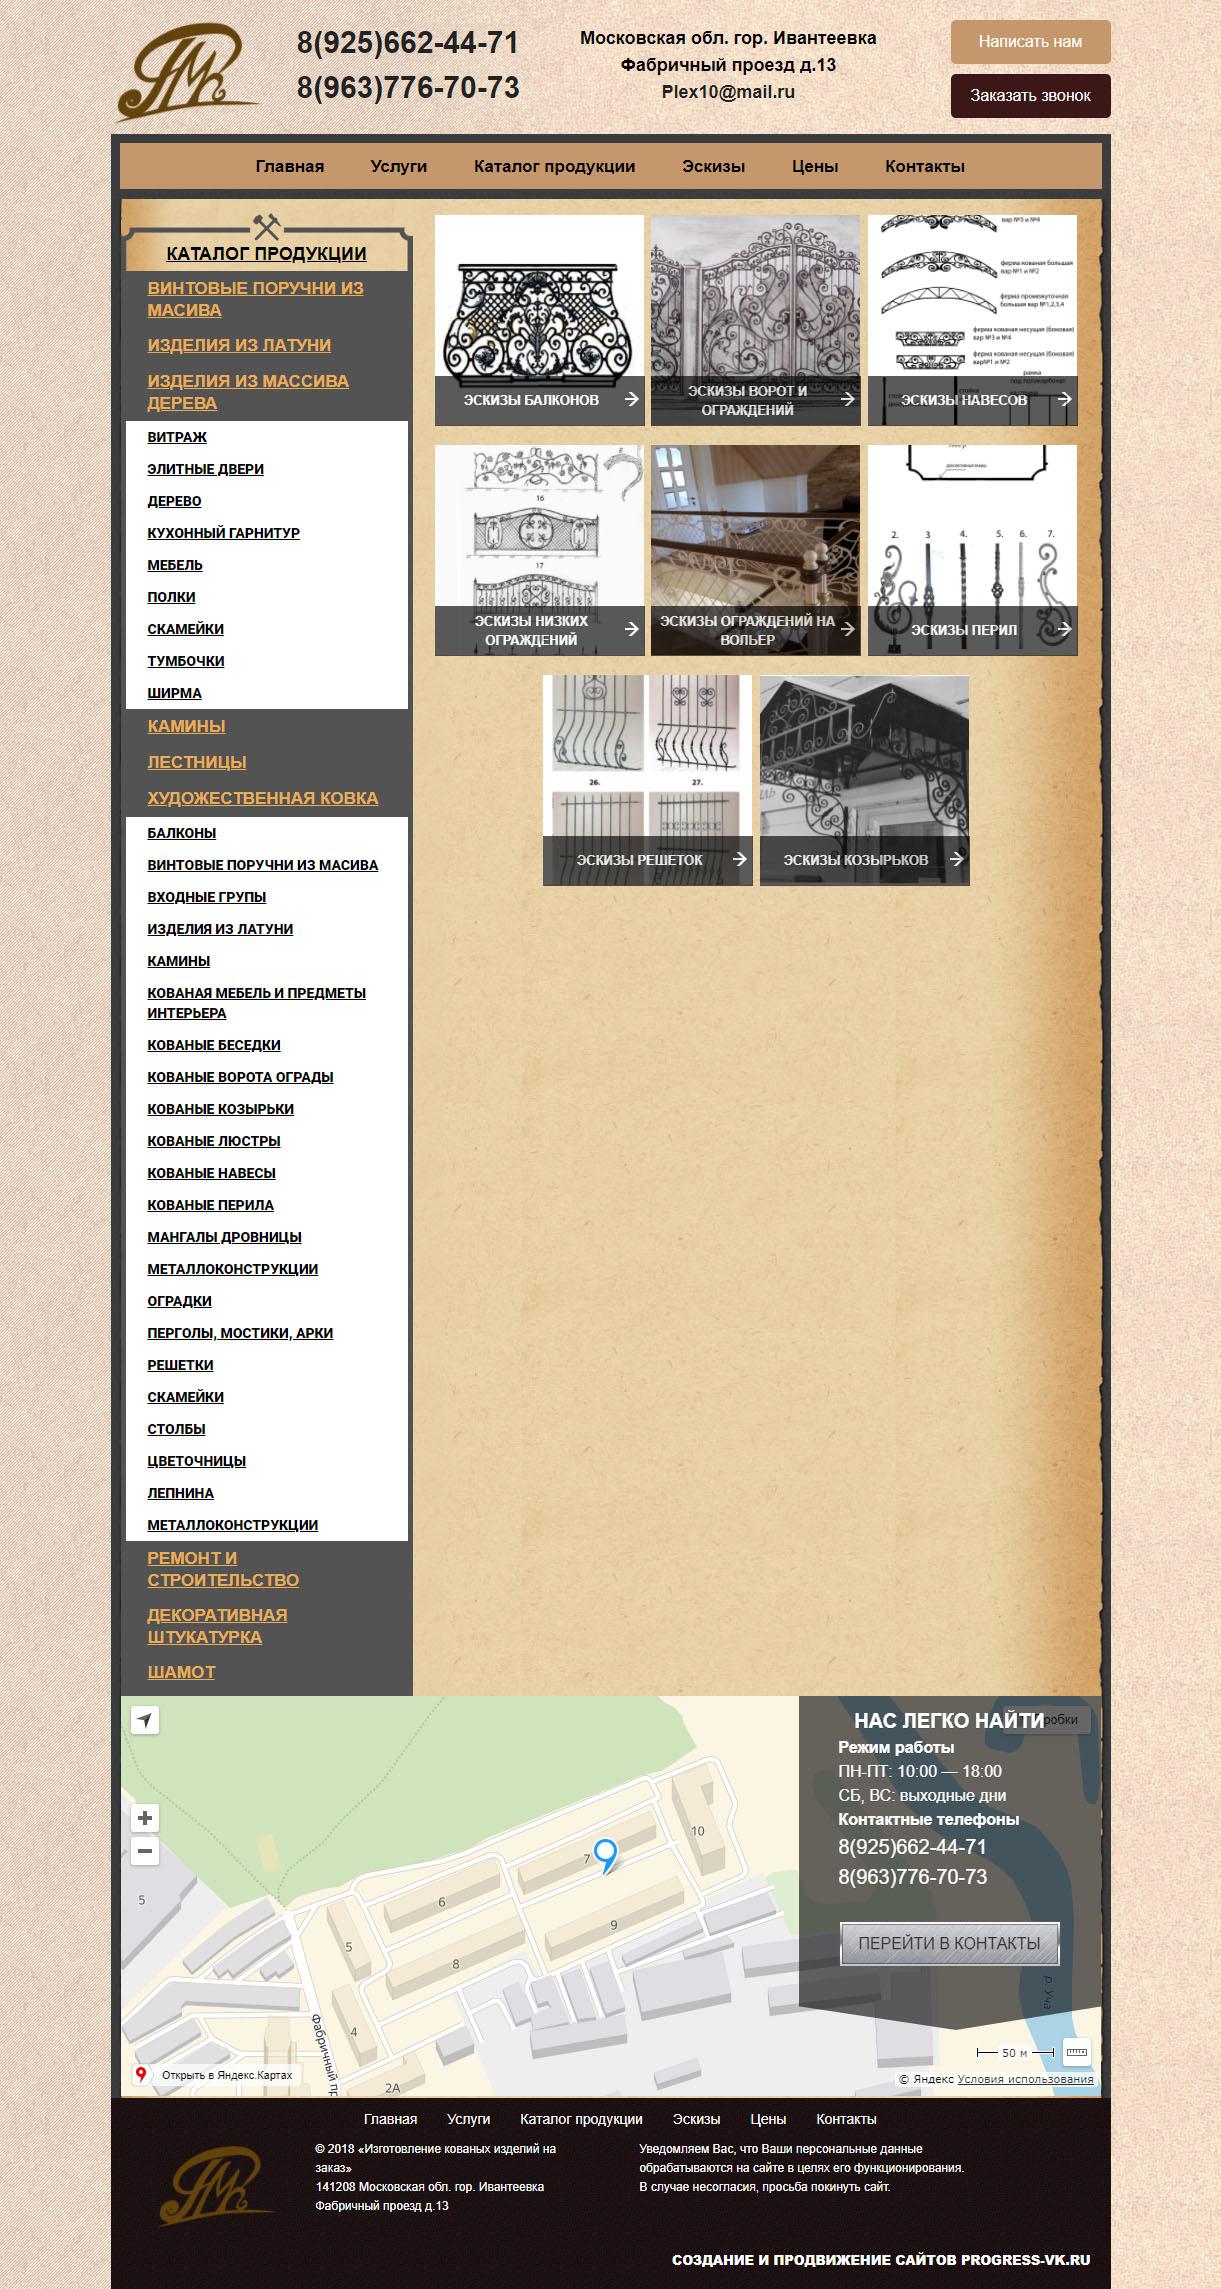 Создание сайта по изготовлению кованных изделий